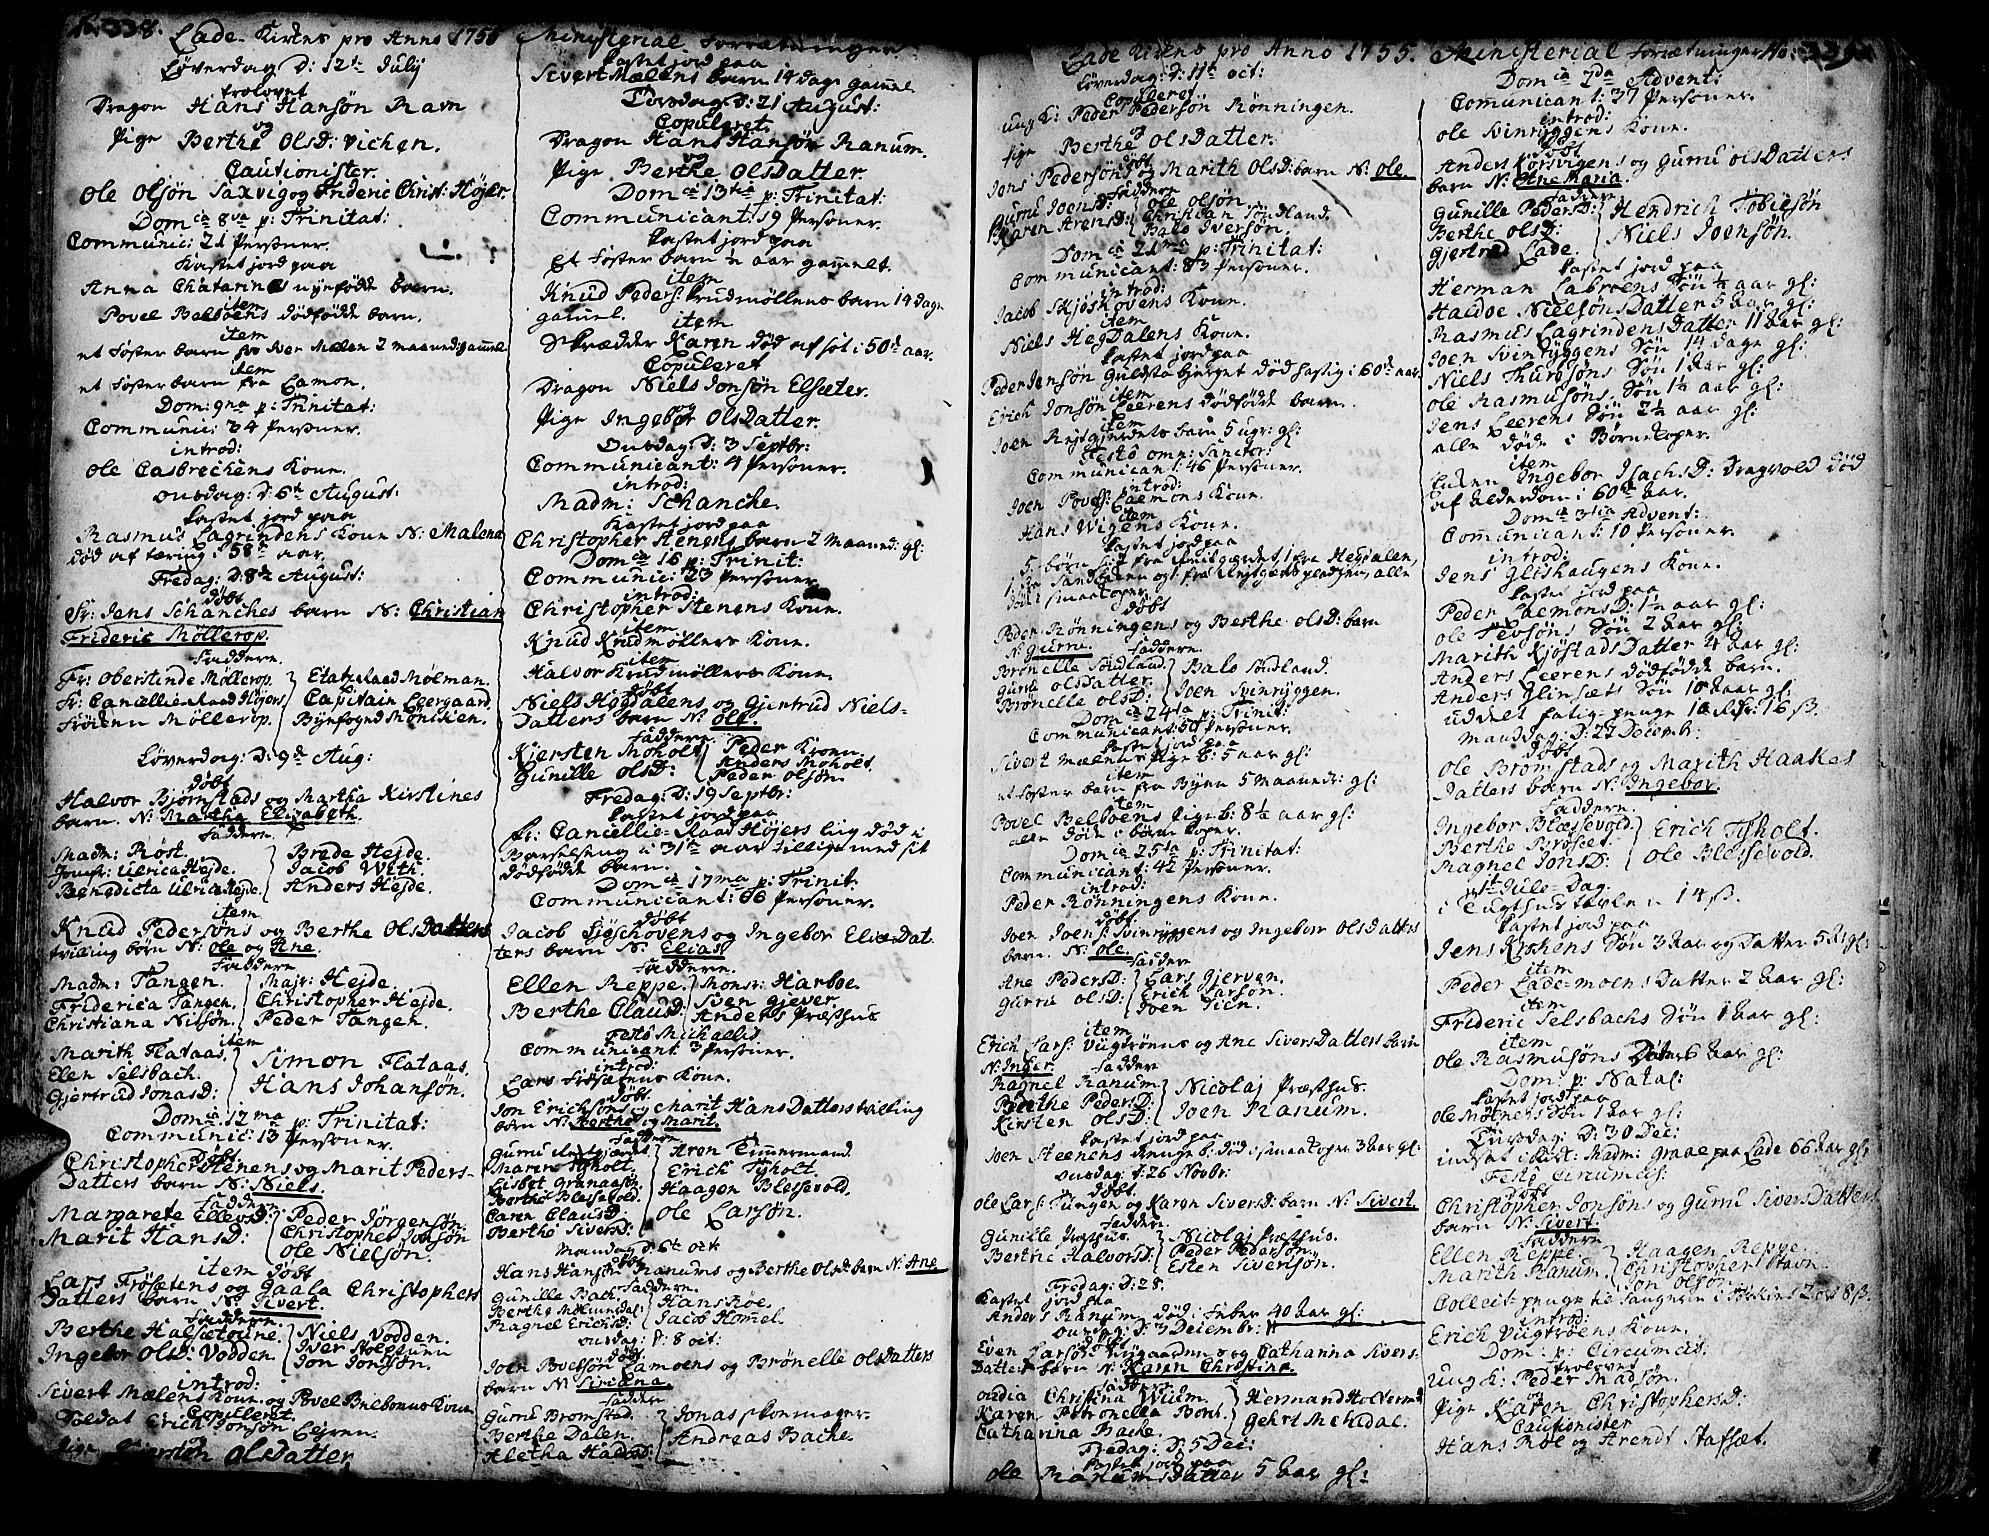 SAT, Ministerialprotokoller, klokkerbøker og fødselsregistre - Sør-Trøndelag, 606/L0275: Ministerialbok nr. 606A01 /1, 1727-1780, s. 338-339